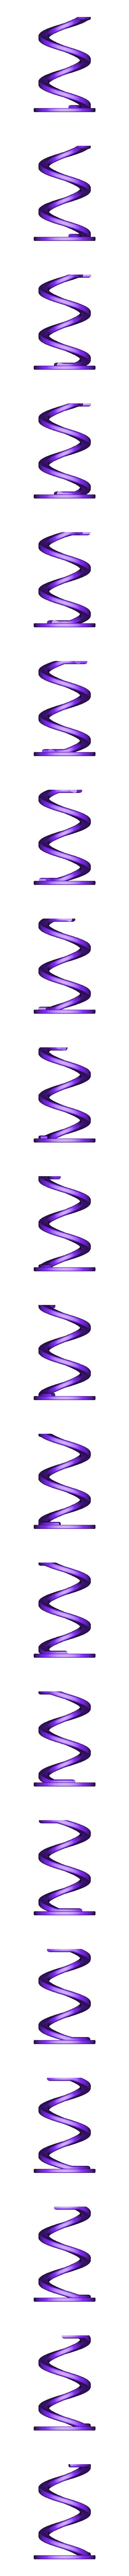 Spool_adapter.STL Télécharger fichier STL gratuit Ender-3 Adaptateur de bobine 52 mm • Modèle imprimable en 3D, Romualdych